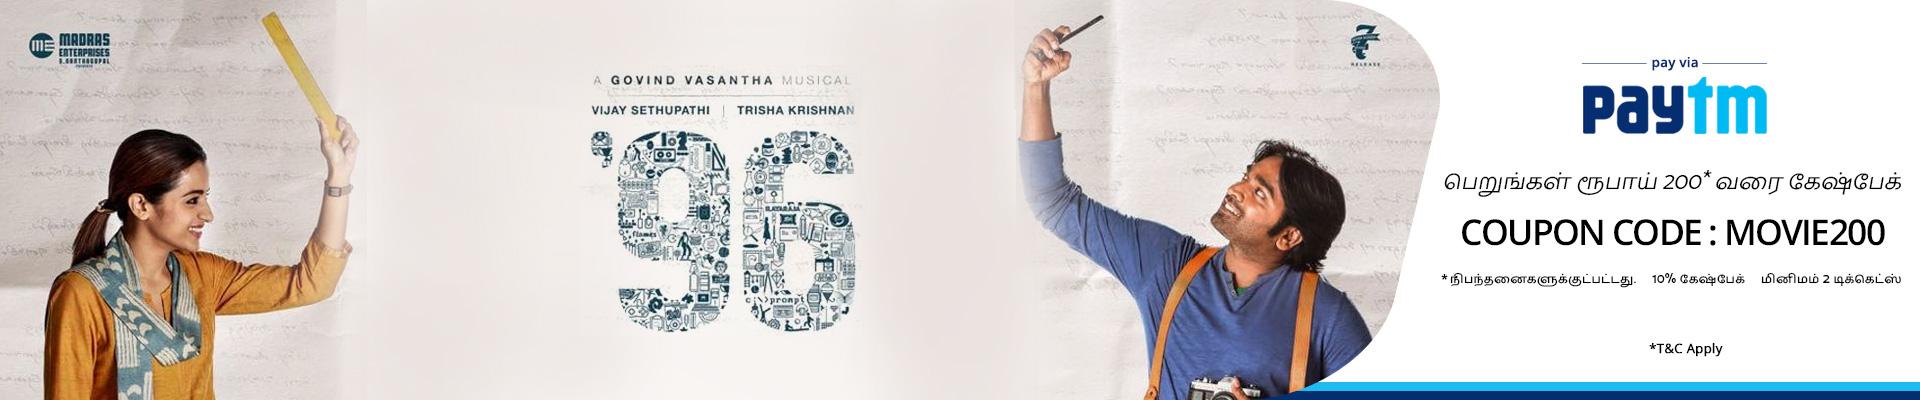 Ambasamudram-Online movie ticket booking, theatre ticket